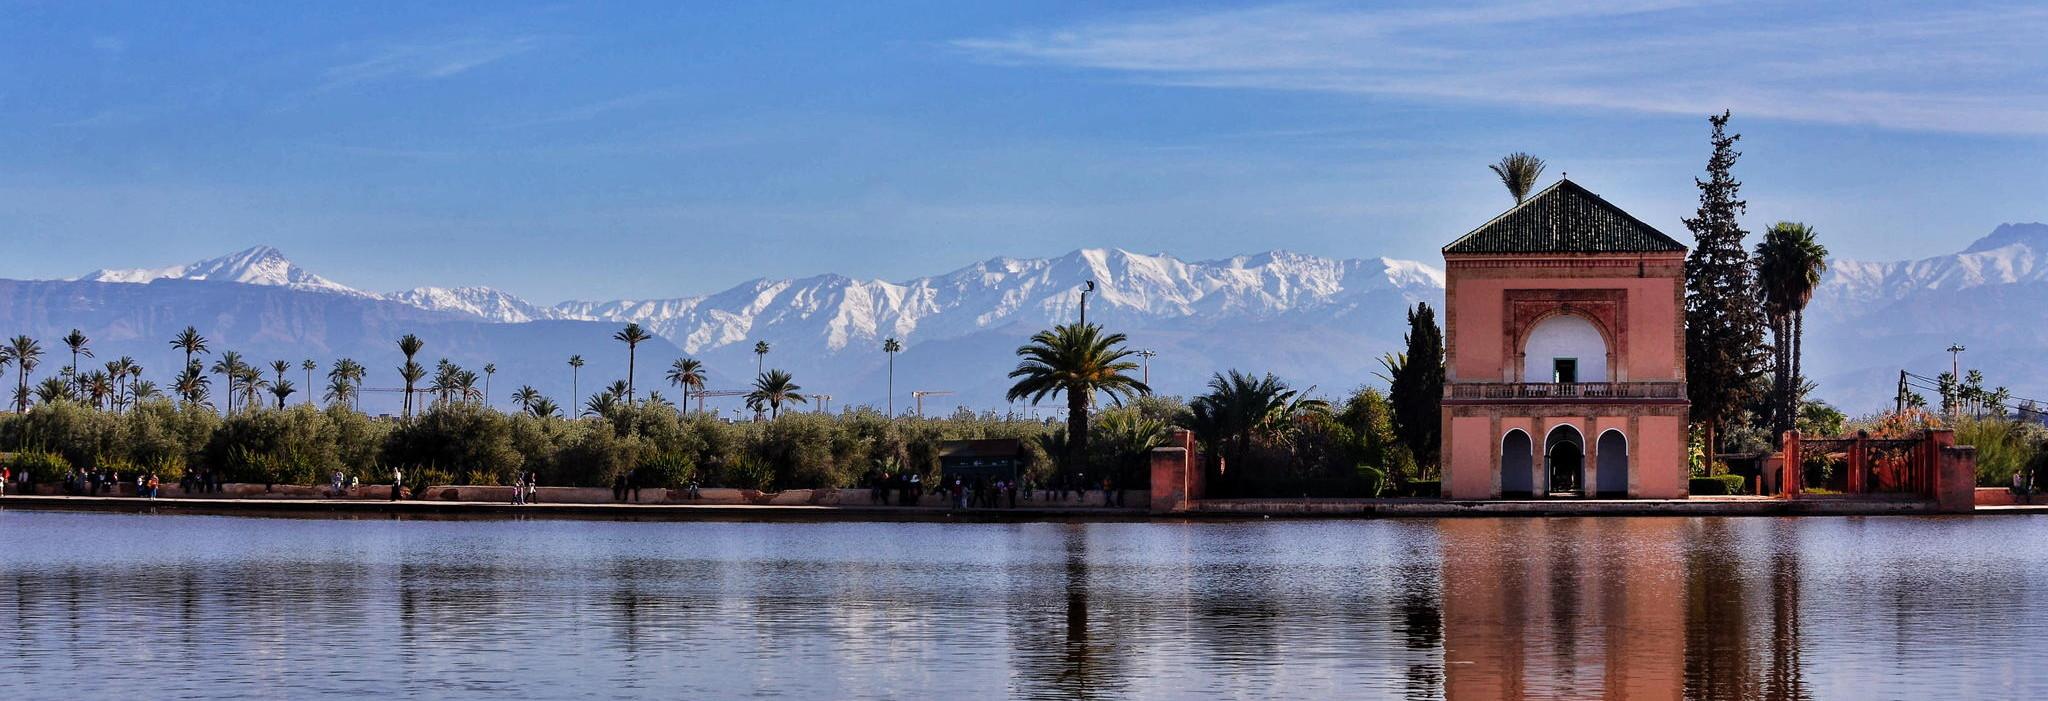 Header Image - Découverte Marrakech au volant d'une voiture